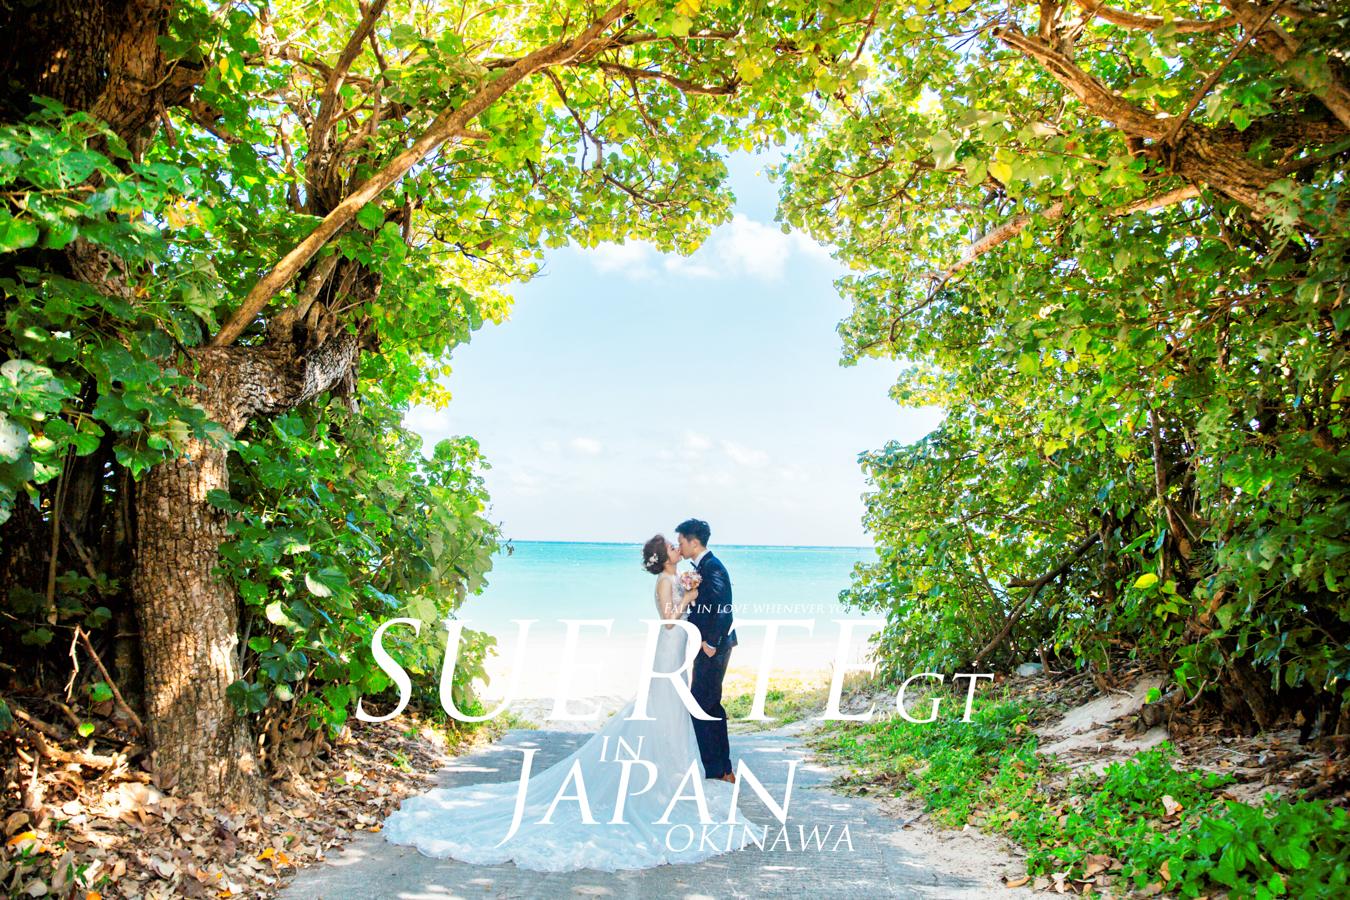 沖繩海外婚紗精選集